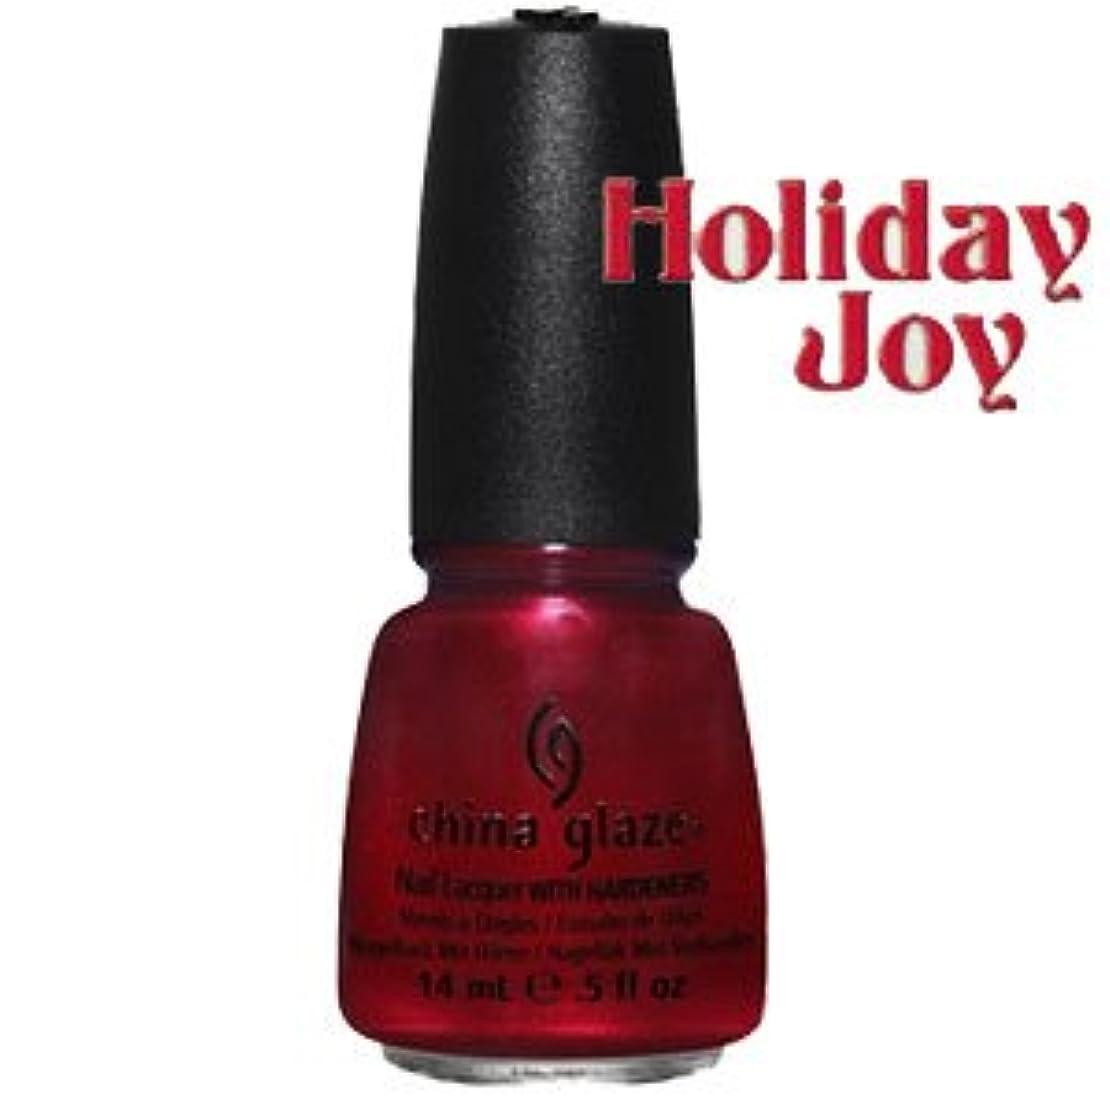 計算可能暗唱する排泄する(チャイナグレイズ)China Glaze Cranberry Splashー'12Holiday Joy コレクション [海外直送品][並行輸入品]